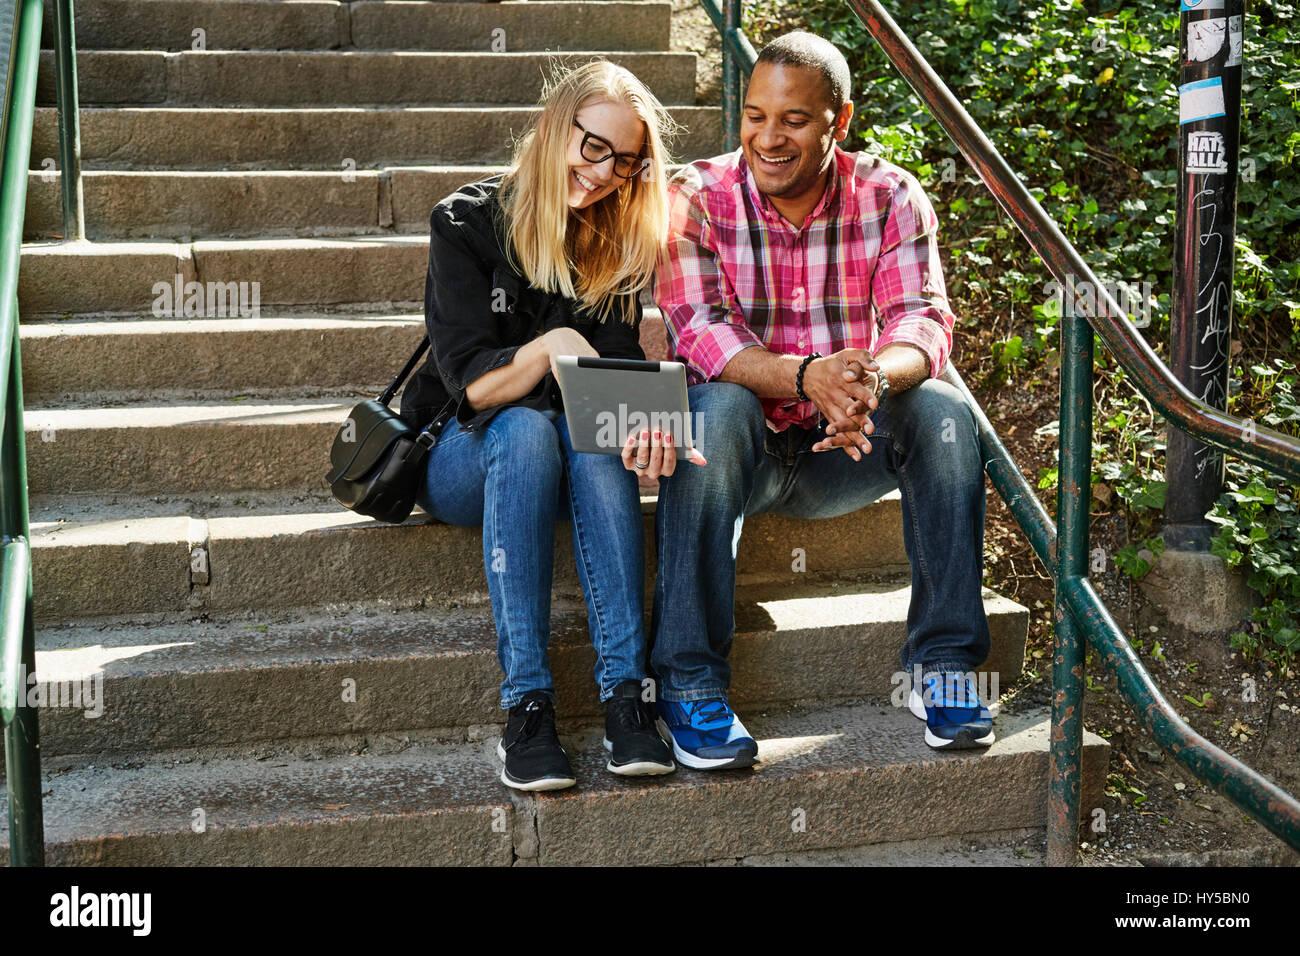 La Suède, l'homme et la femme assis côte à côte sur les marches et looking at digital tablet Photo Stock